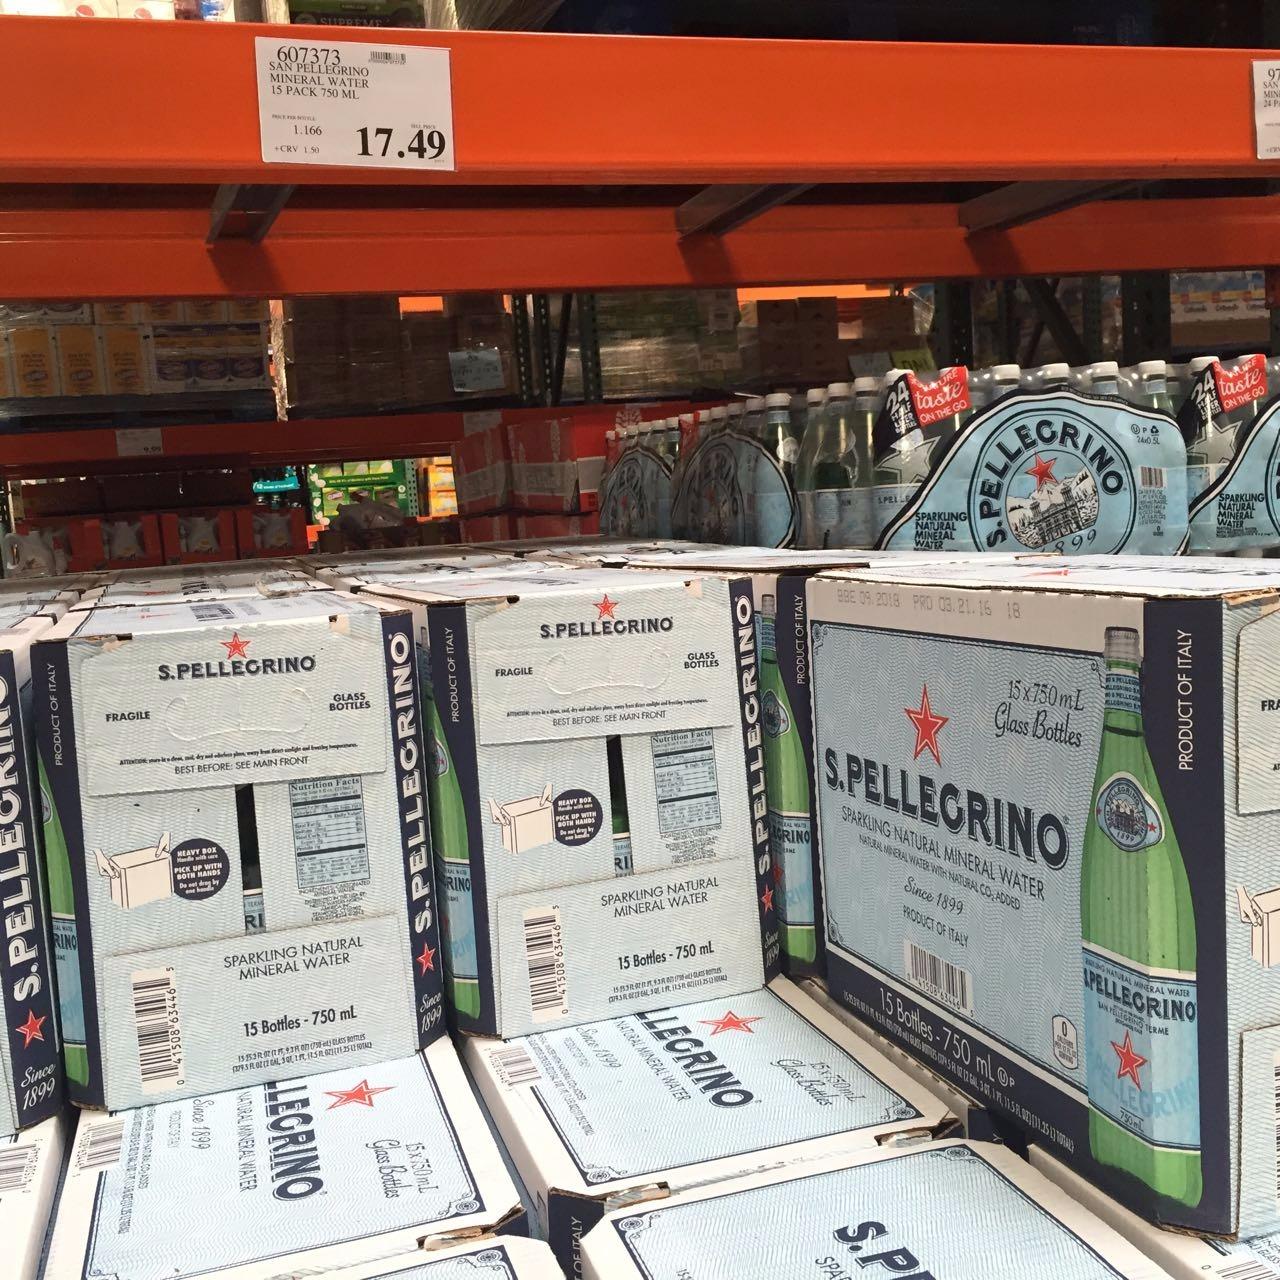 小编带你现场购】超市几十种瓶装水逐一扒,为喝上一口健康水,小编也是蛮